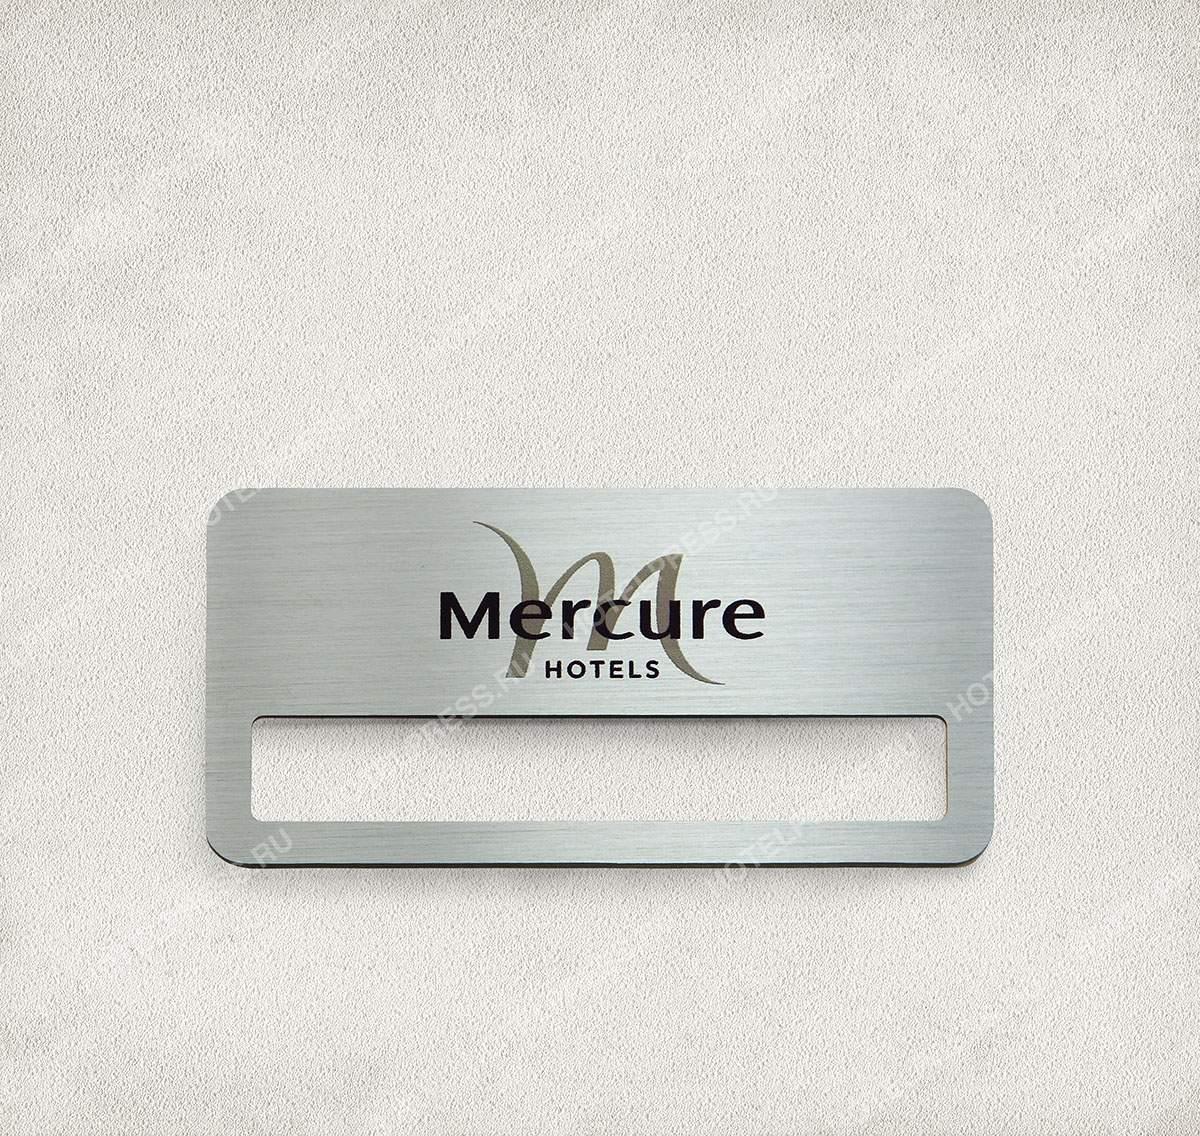 Бейджи из алюминия отелей MERCURE